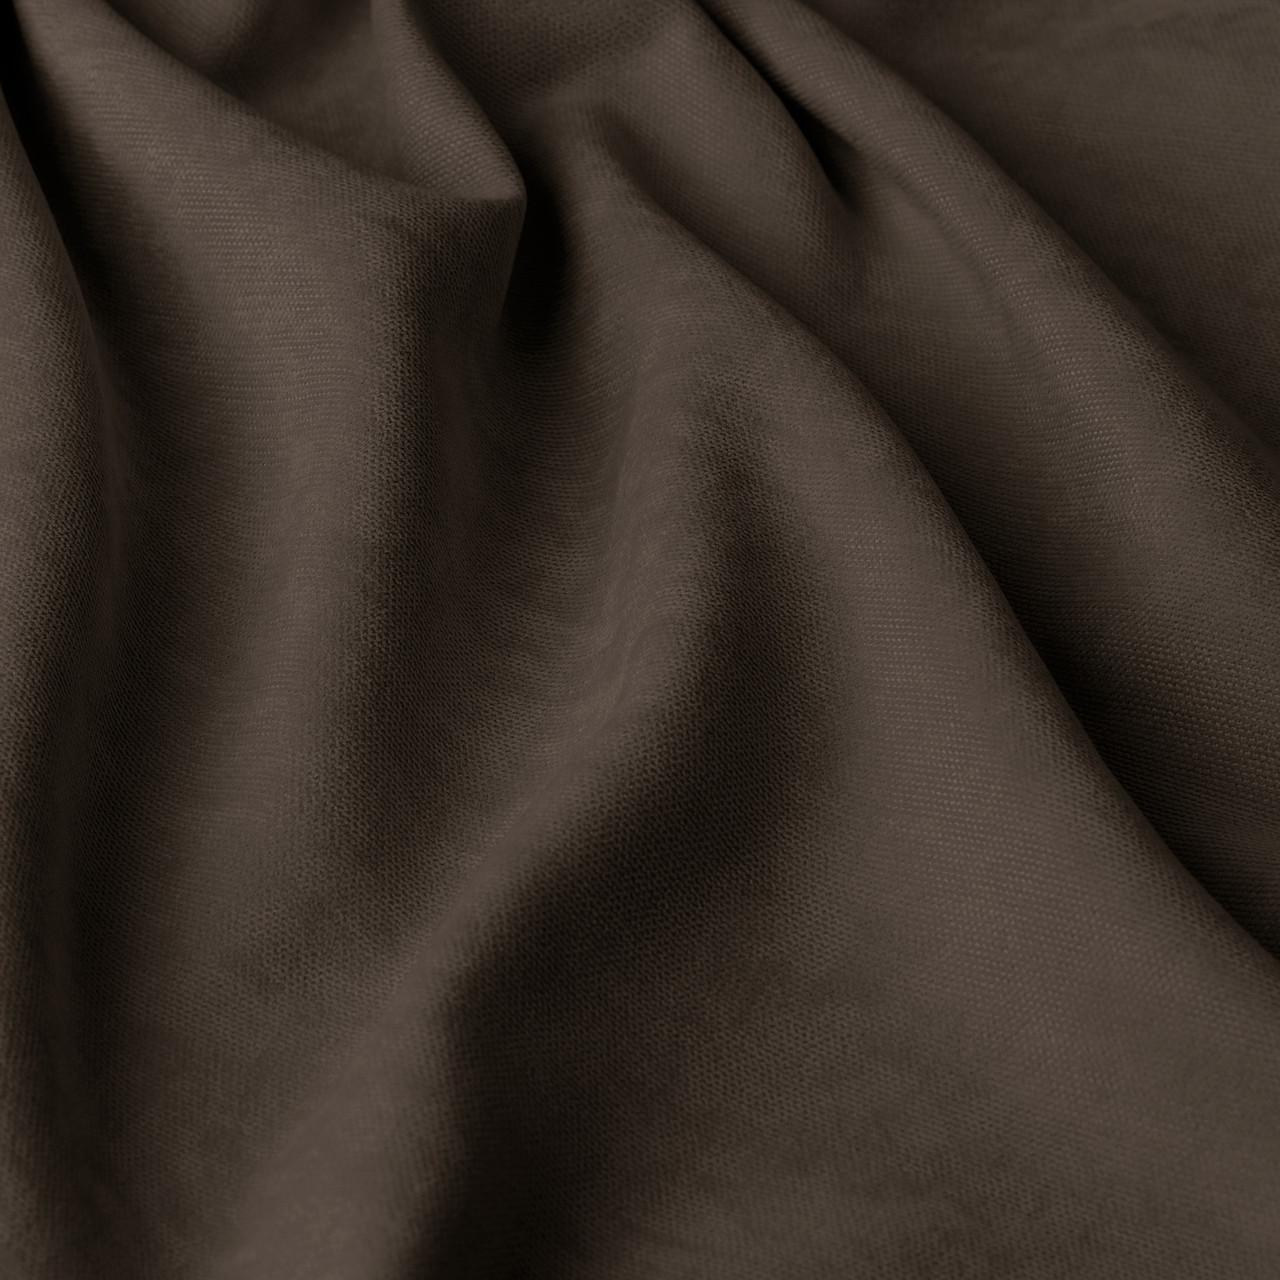 Однотонная декоративная ткань велюр темно-коричневого цвета 295см 84430v40